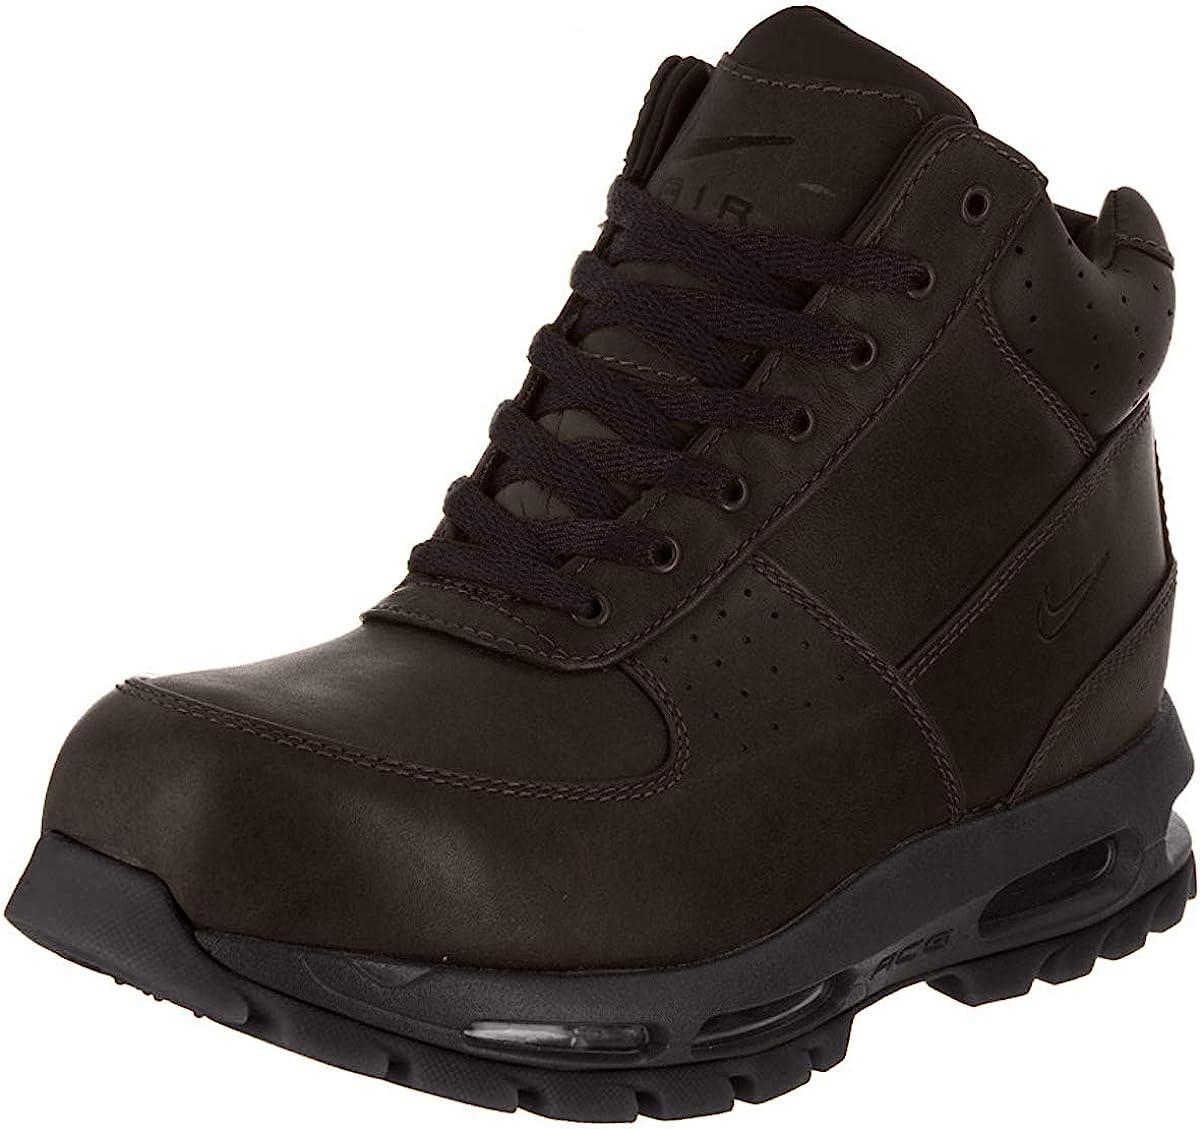 Nike Men's Air Max Goadome 2013 Boots